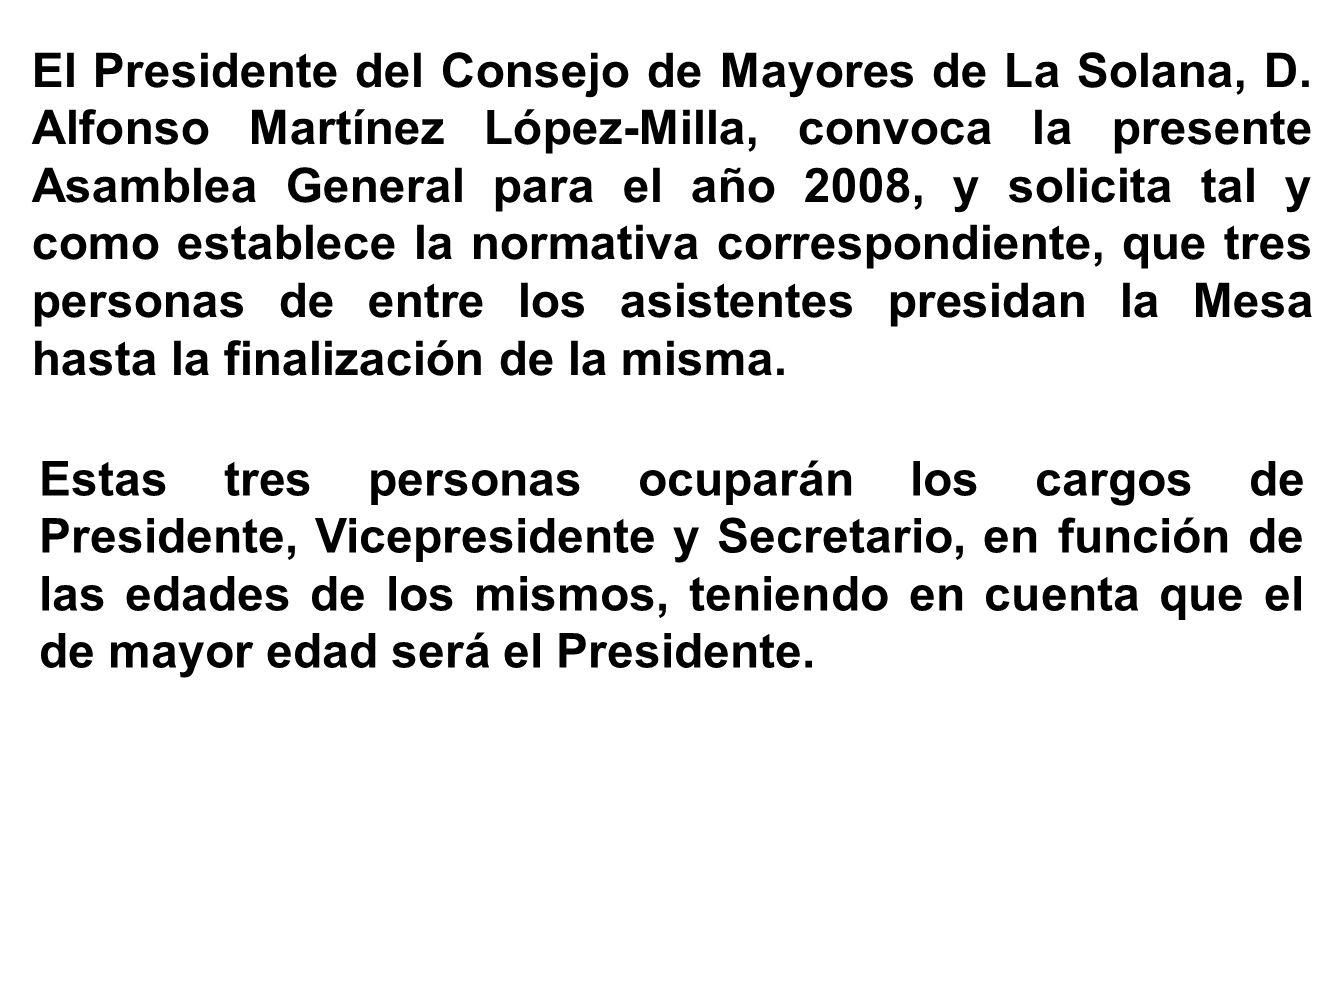 El Presidente del Consejo de Mayores de La Solana, D